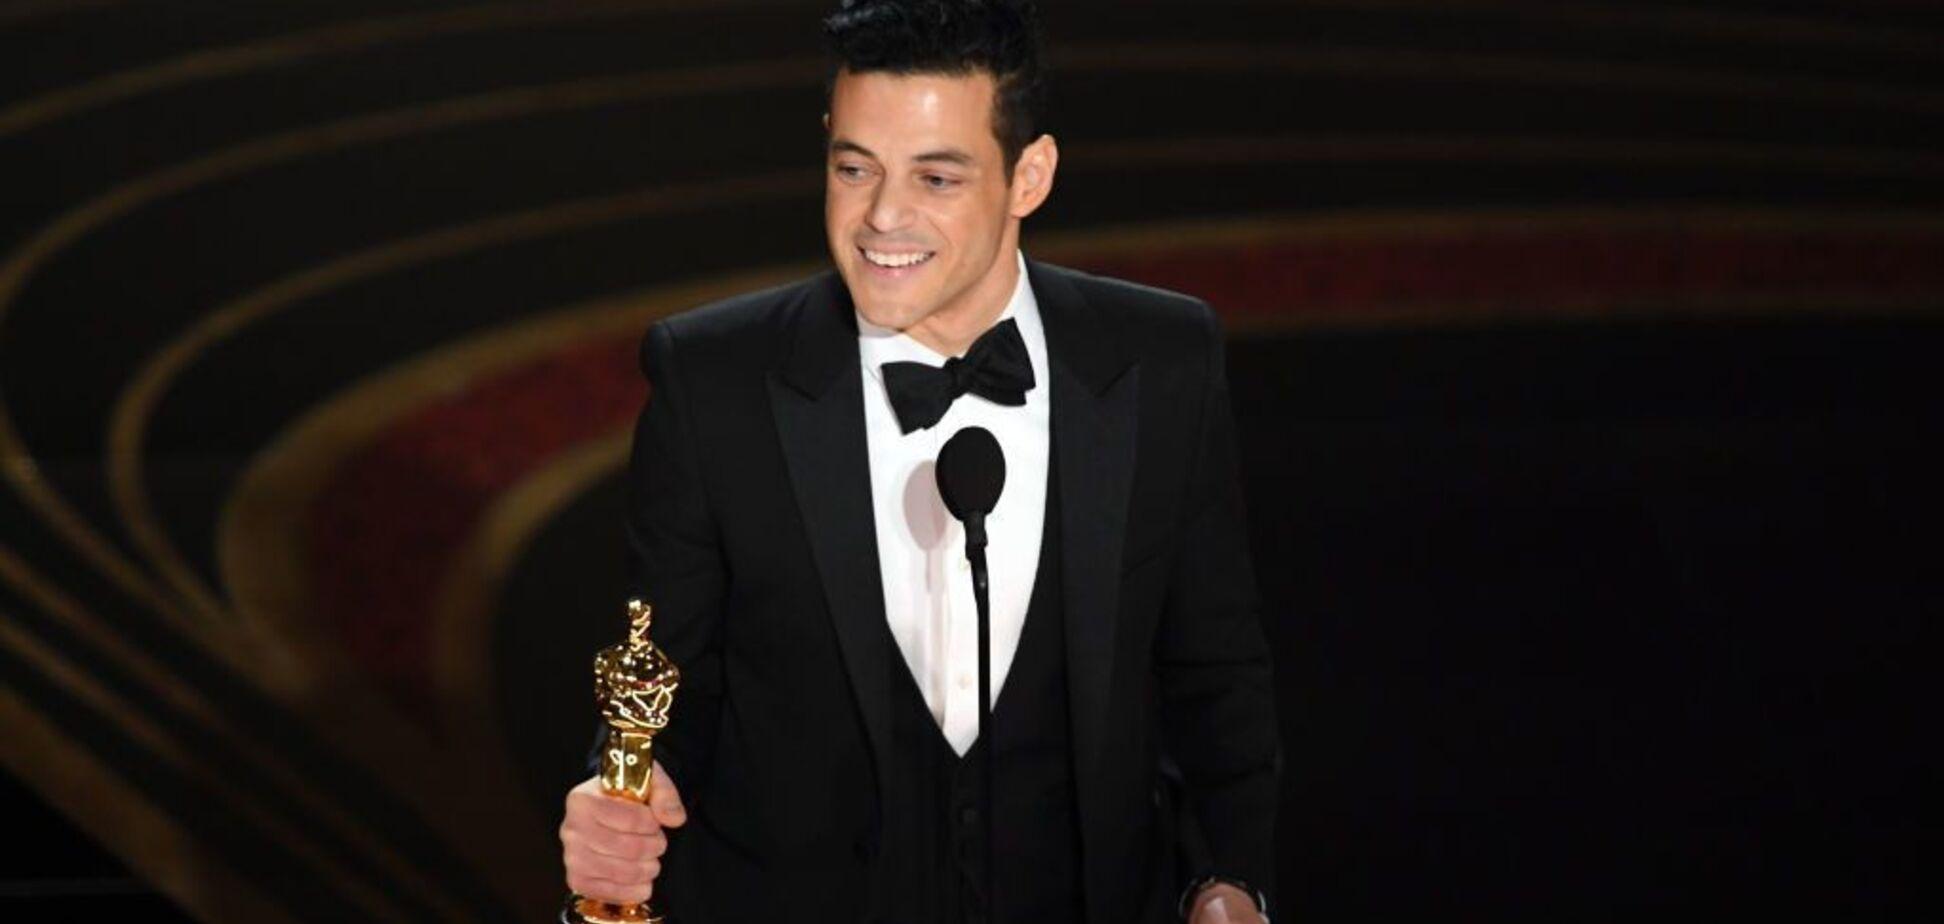 'Оскар-2019': 5 неожиданных фактов о лучшем актере Рами Малеке